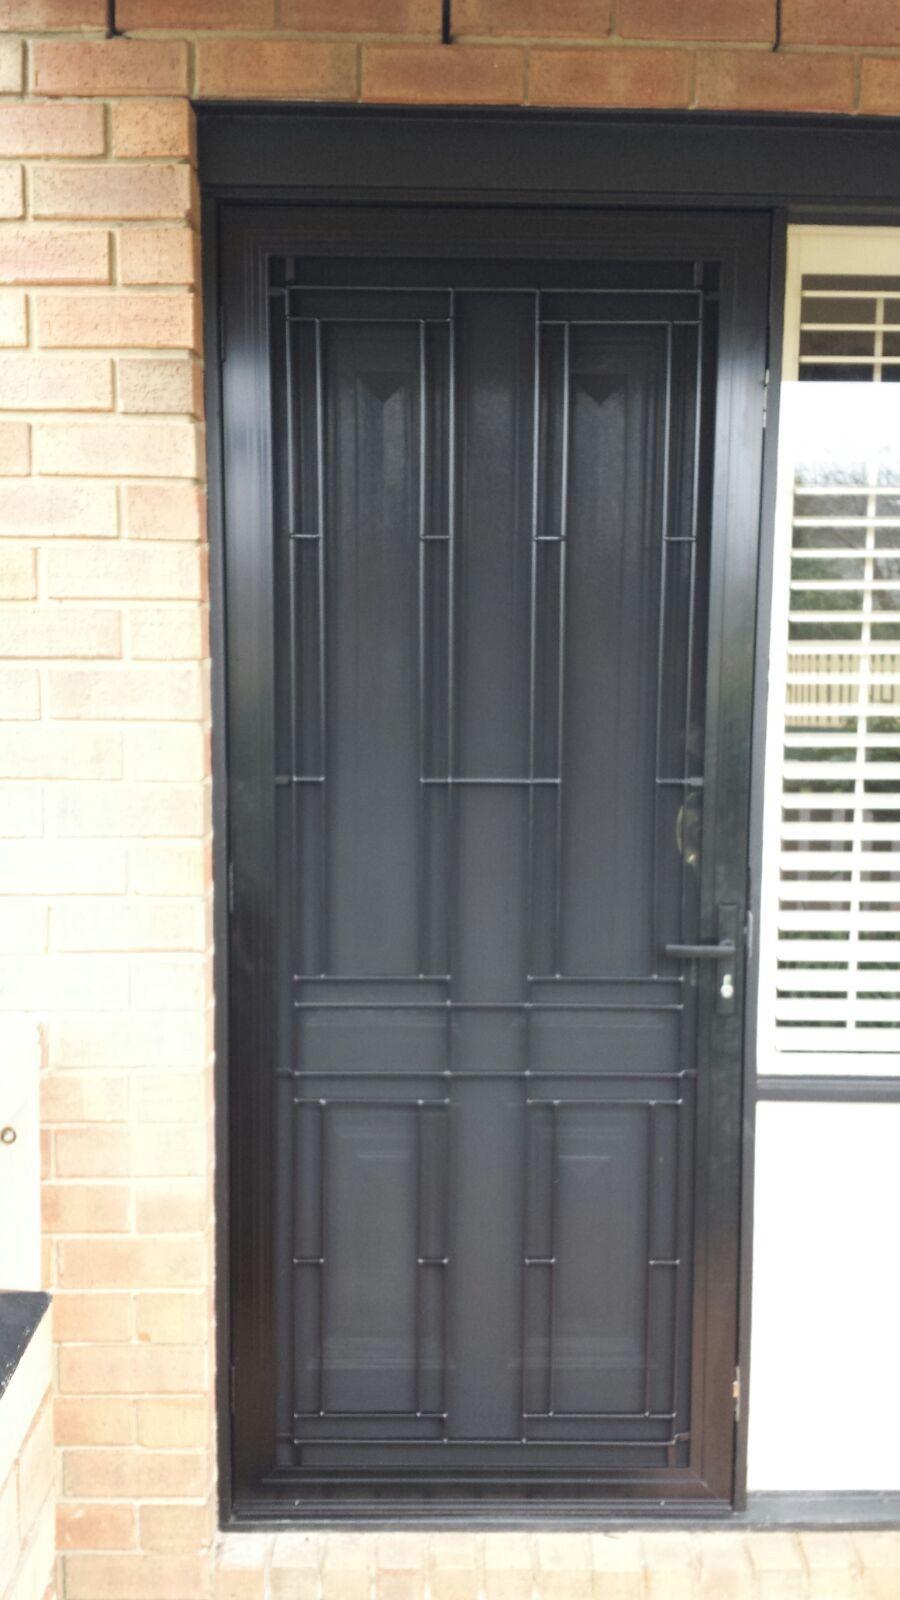 Steel Security Door With Stainless Steel Mesh Installed In Mordialloc Stainless Steel Mesh Mesh Door Steel Mesh